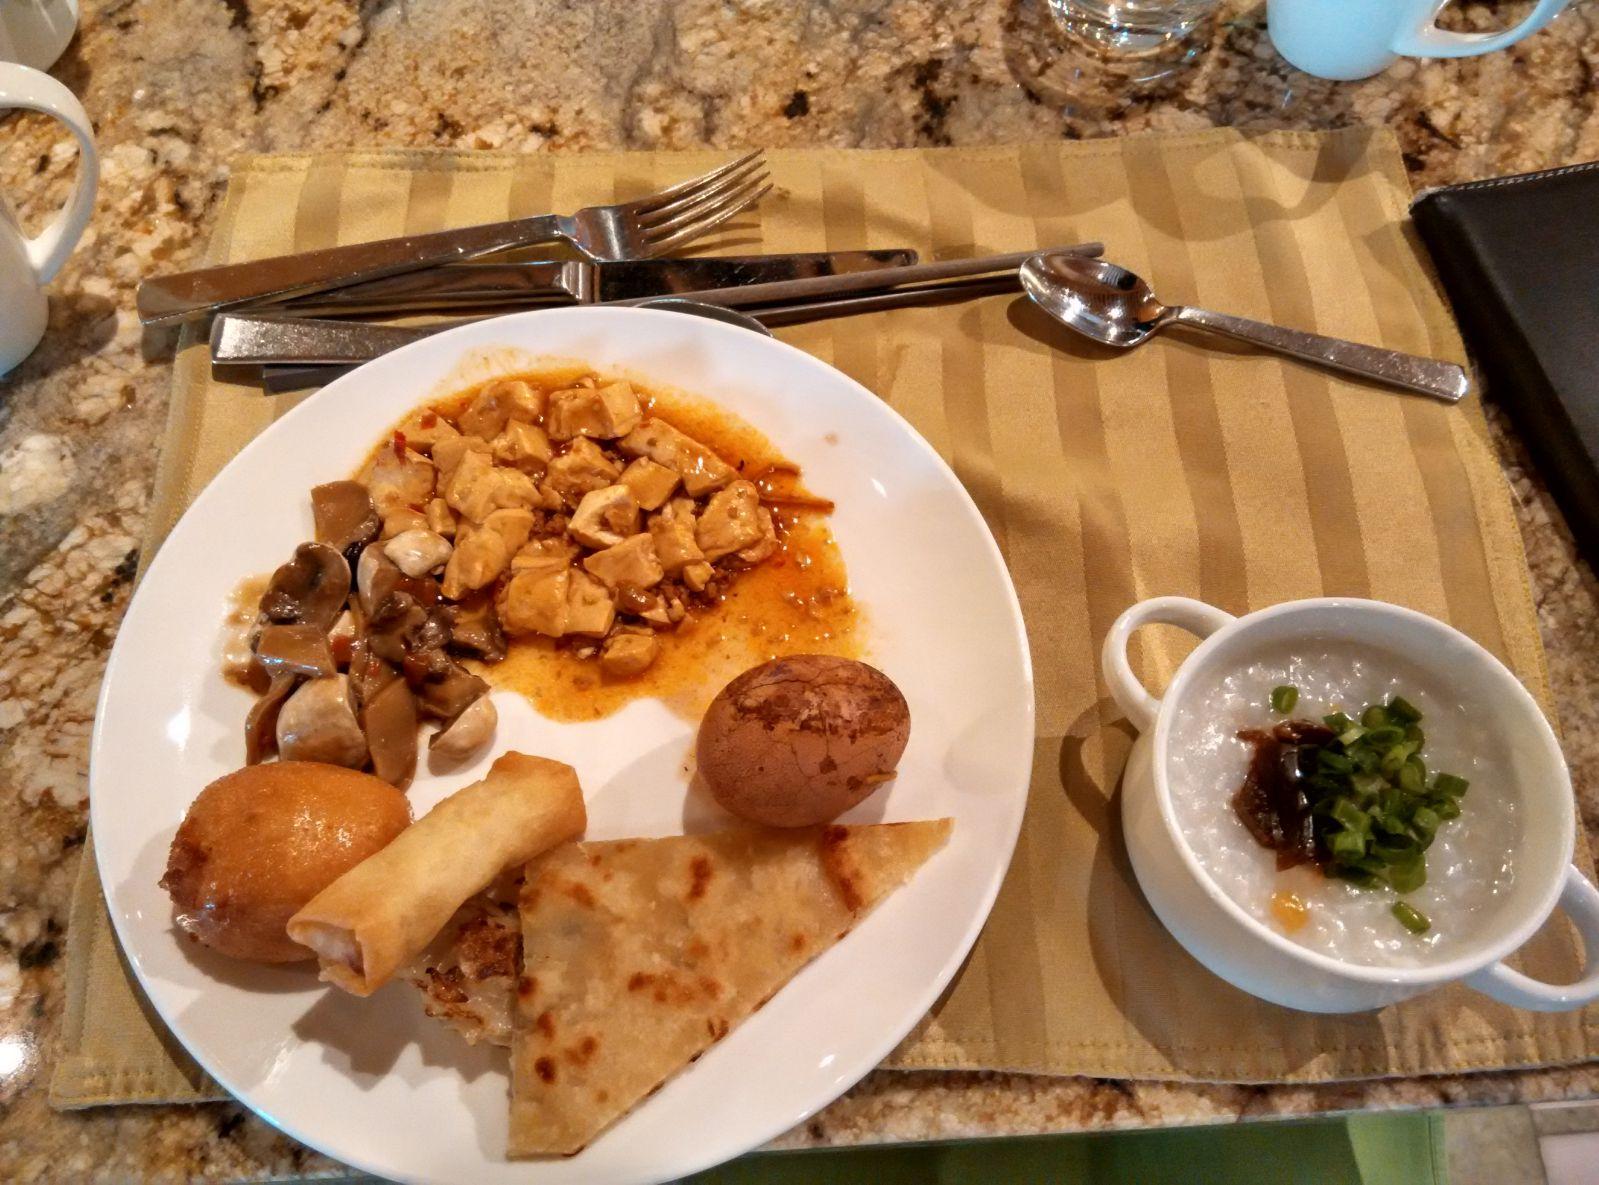 shenzhen-jw-marriott-breakfast-5